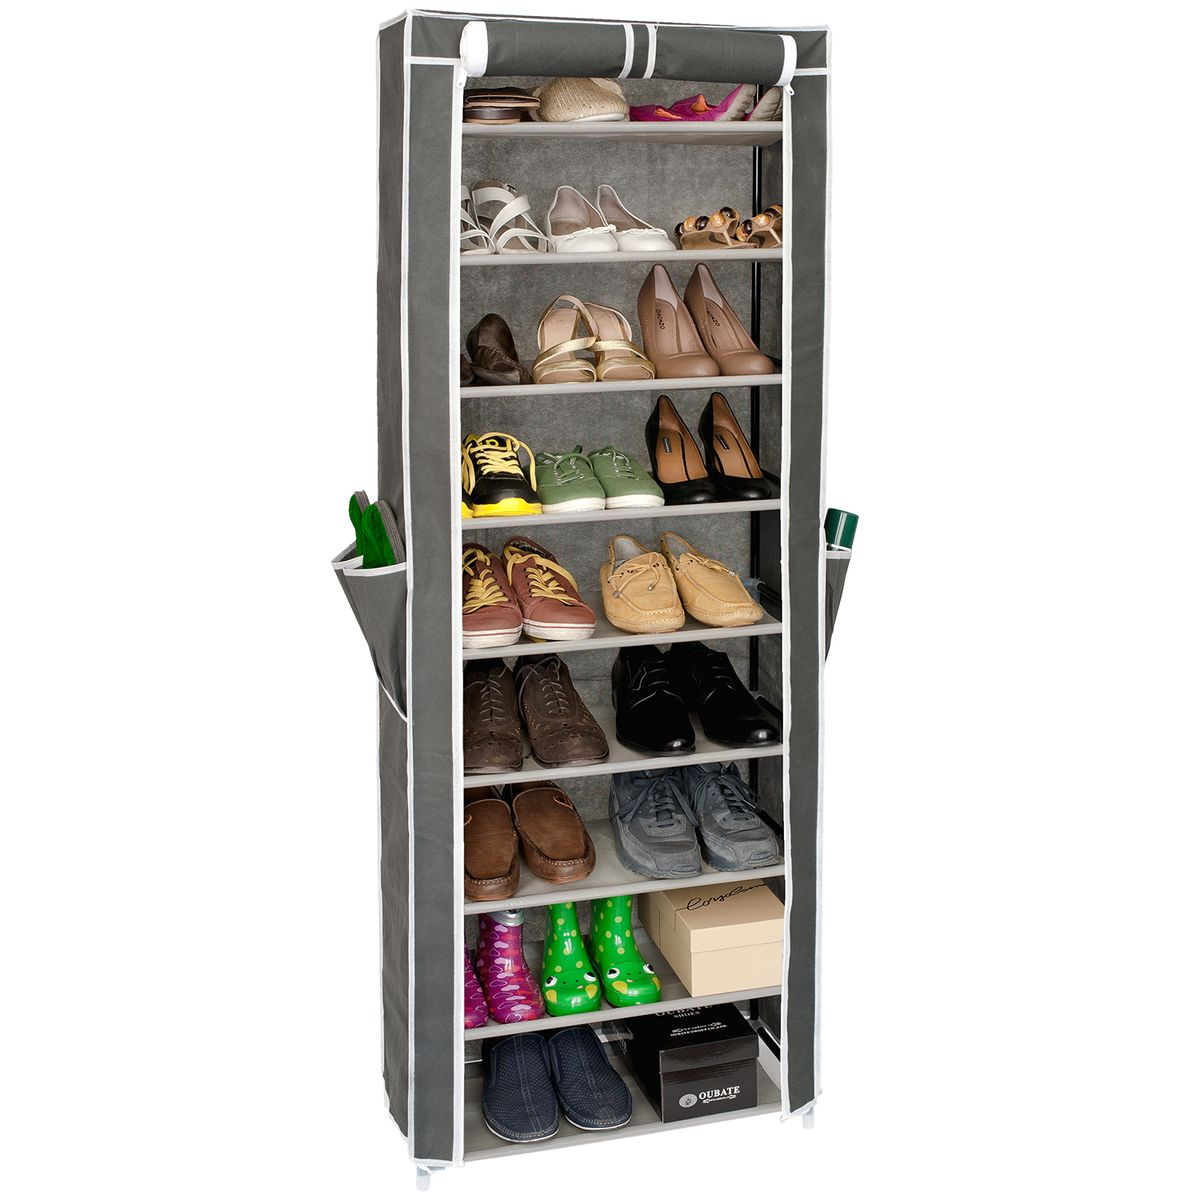 Этажерка для обуви Artmoon  Carrie , с нетканым чехлом, 9 полок, цвет: серый - Товары для хранения